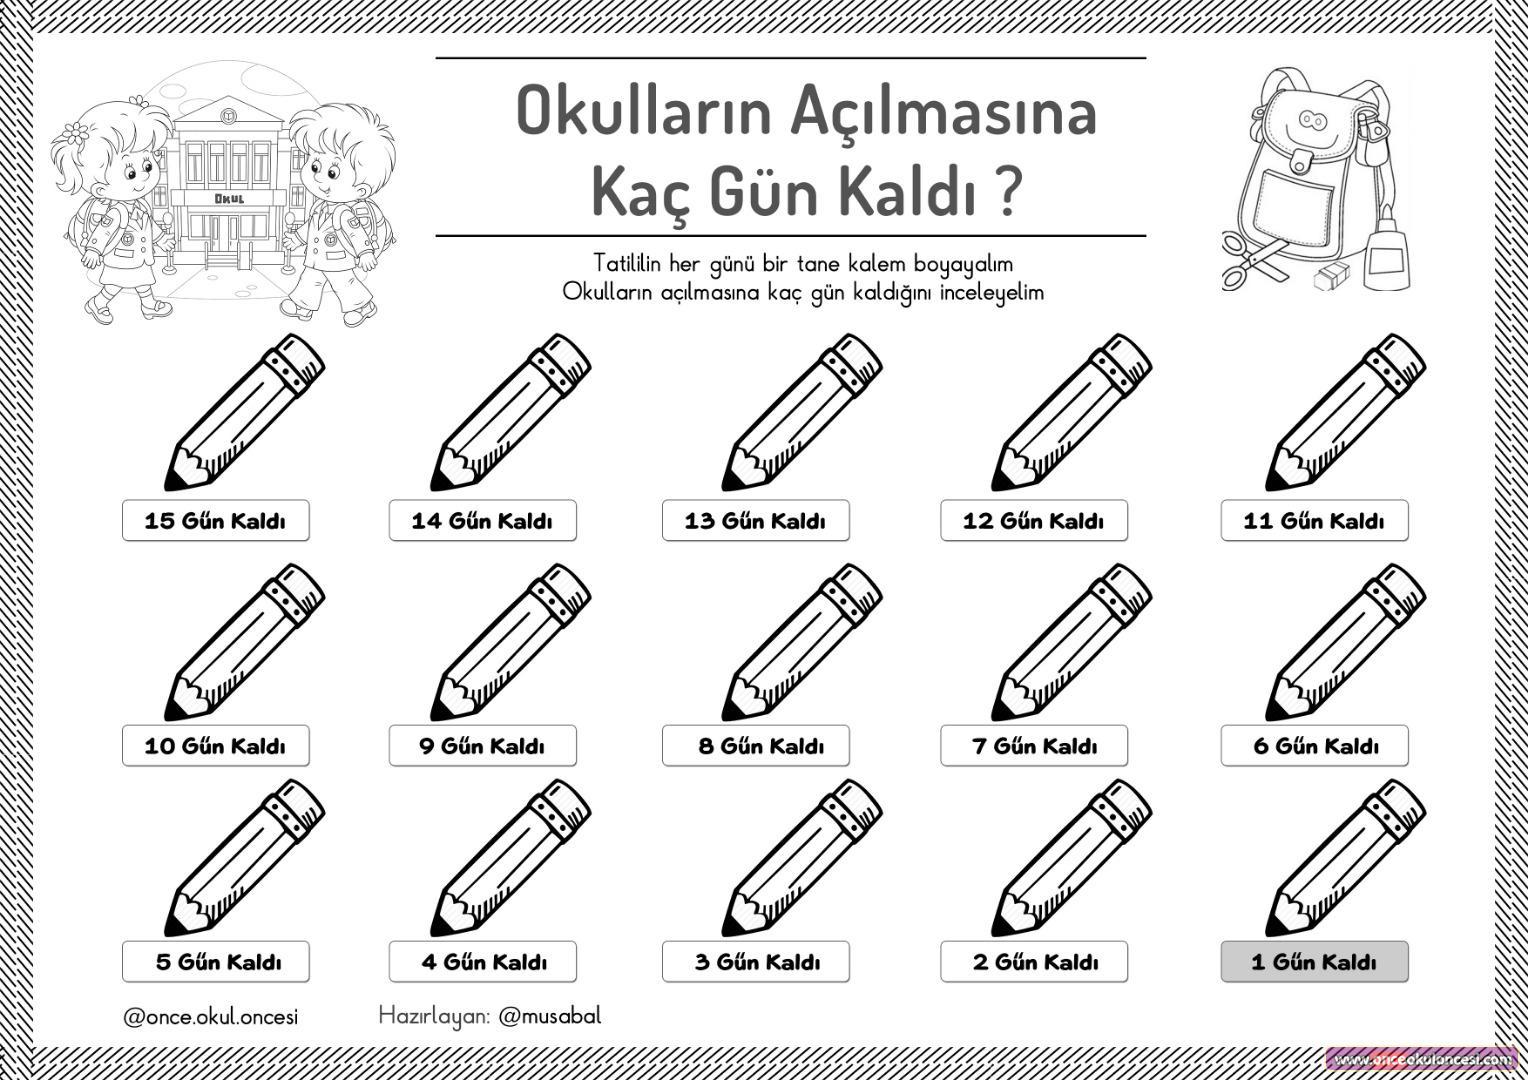 Yariyil Tatilinde Okullarin Acilmasina Kac Gun Kaldi Boyama Kaliplari